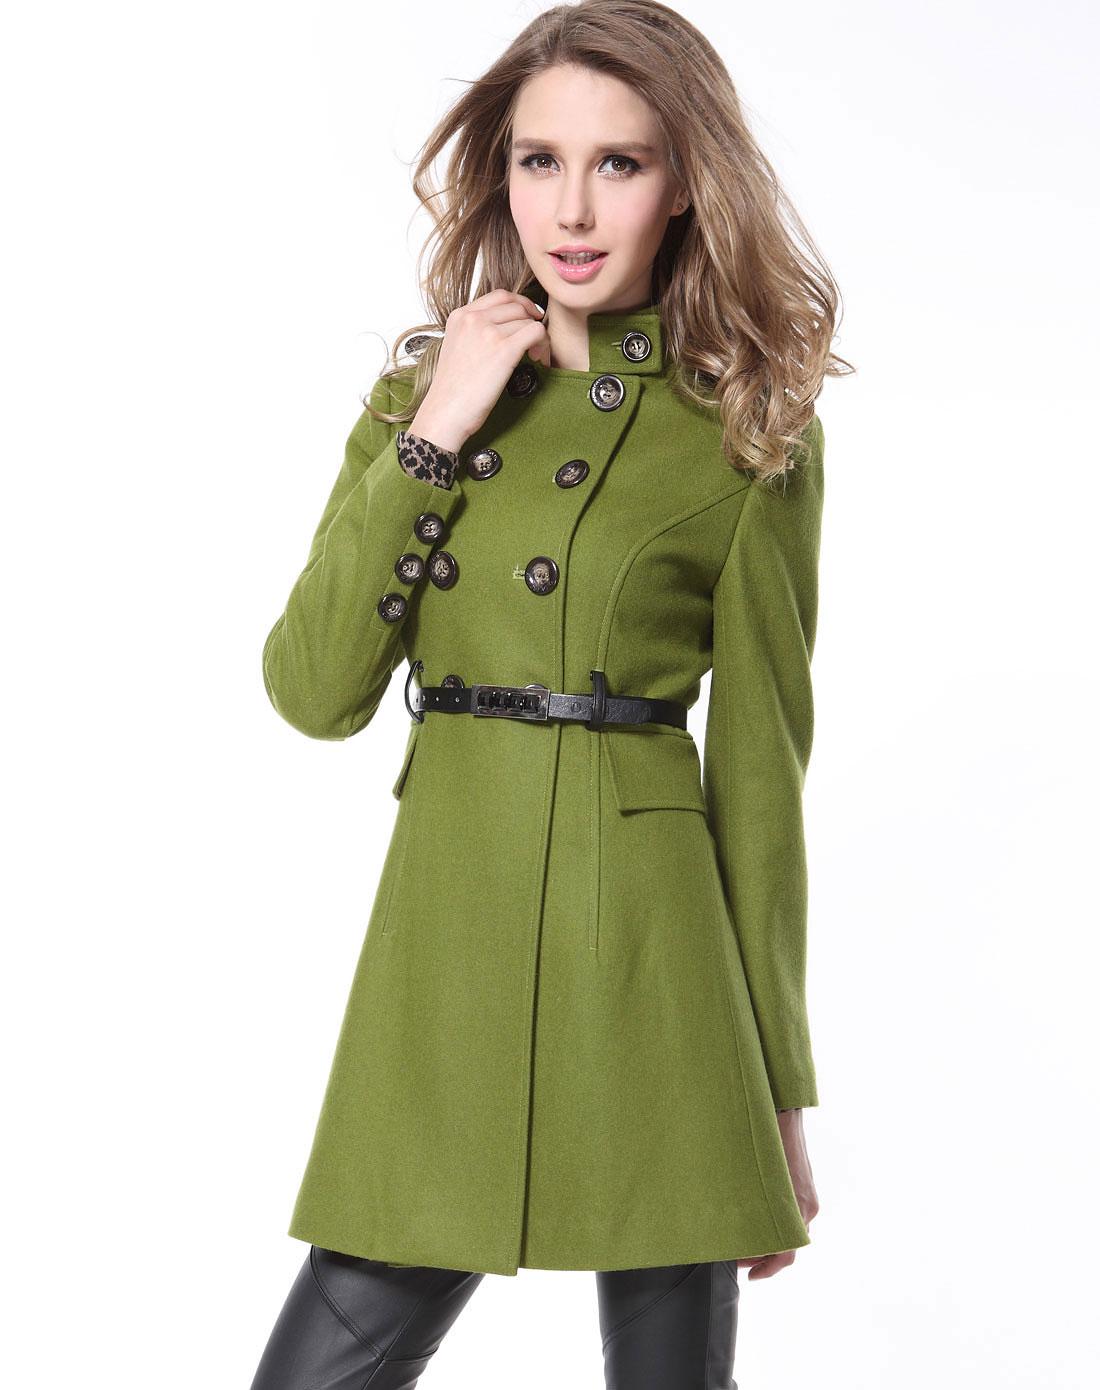 sa浅绿色双排扣腰带毛呢外套sd219857900a